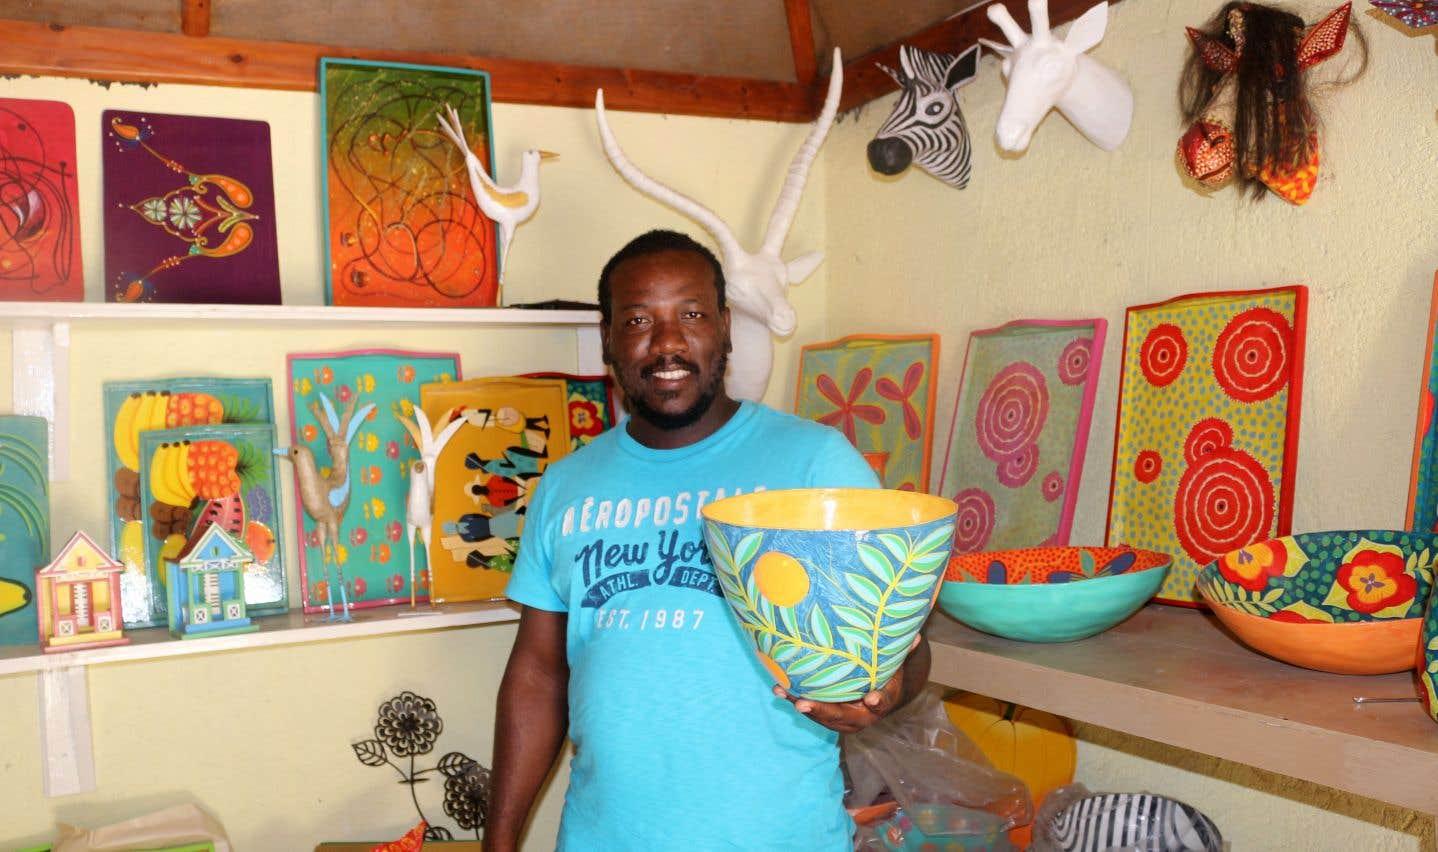 Jacmel est reconnue comme étant le bastion du papier mâché. La rue Saint-Anne est l'une des plus réputées pour cet art qui fait vivre ses habitants depuis des générations, dont Émilien Blaise.